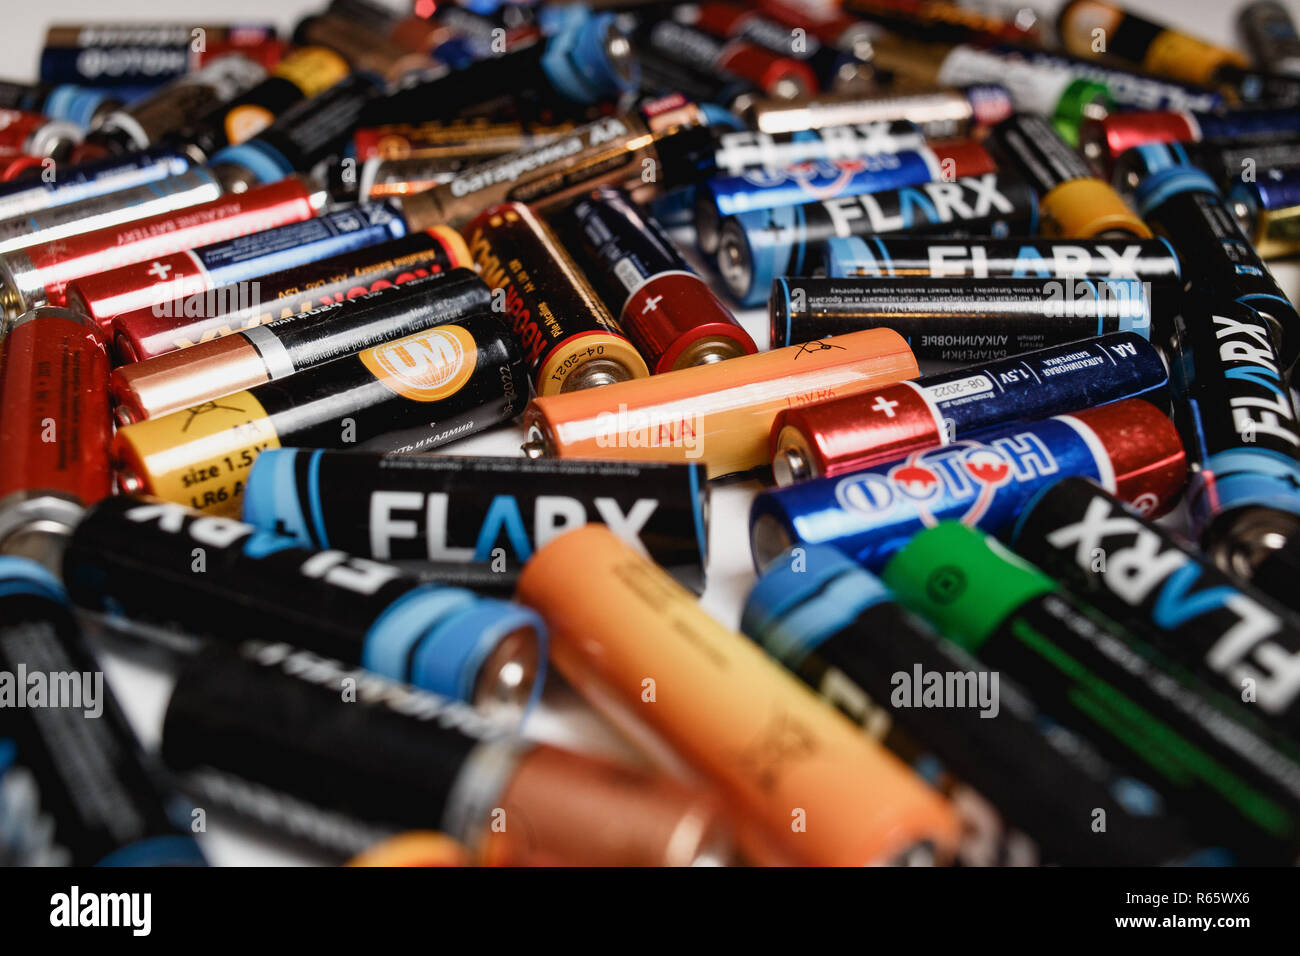 Arkhangelsk, Russia, Dicembre 3, 2018: un sacco di batterie alcaline sparsi su un tavolo bianco. Concetto di riutilizzo, riciclaggio, inquinamento di sali di metalli pesanti, mercurio e cadmio. Immagini Stock